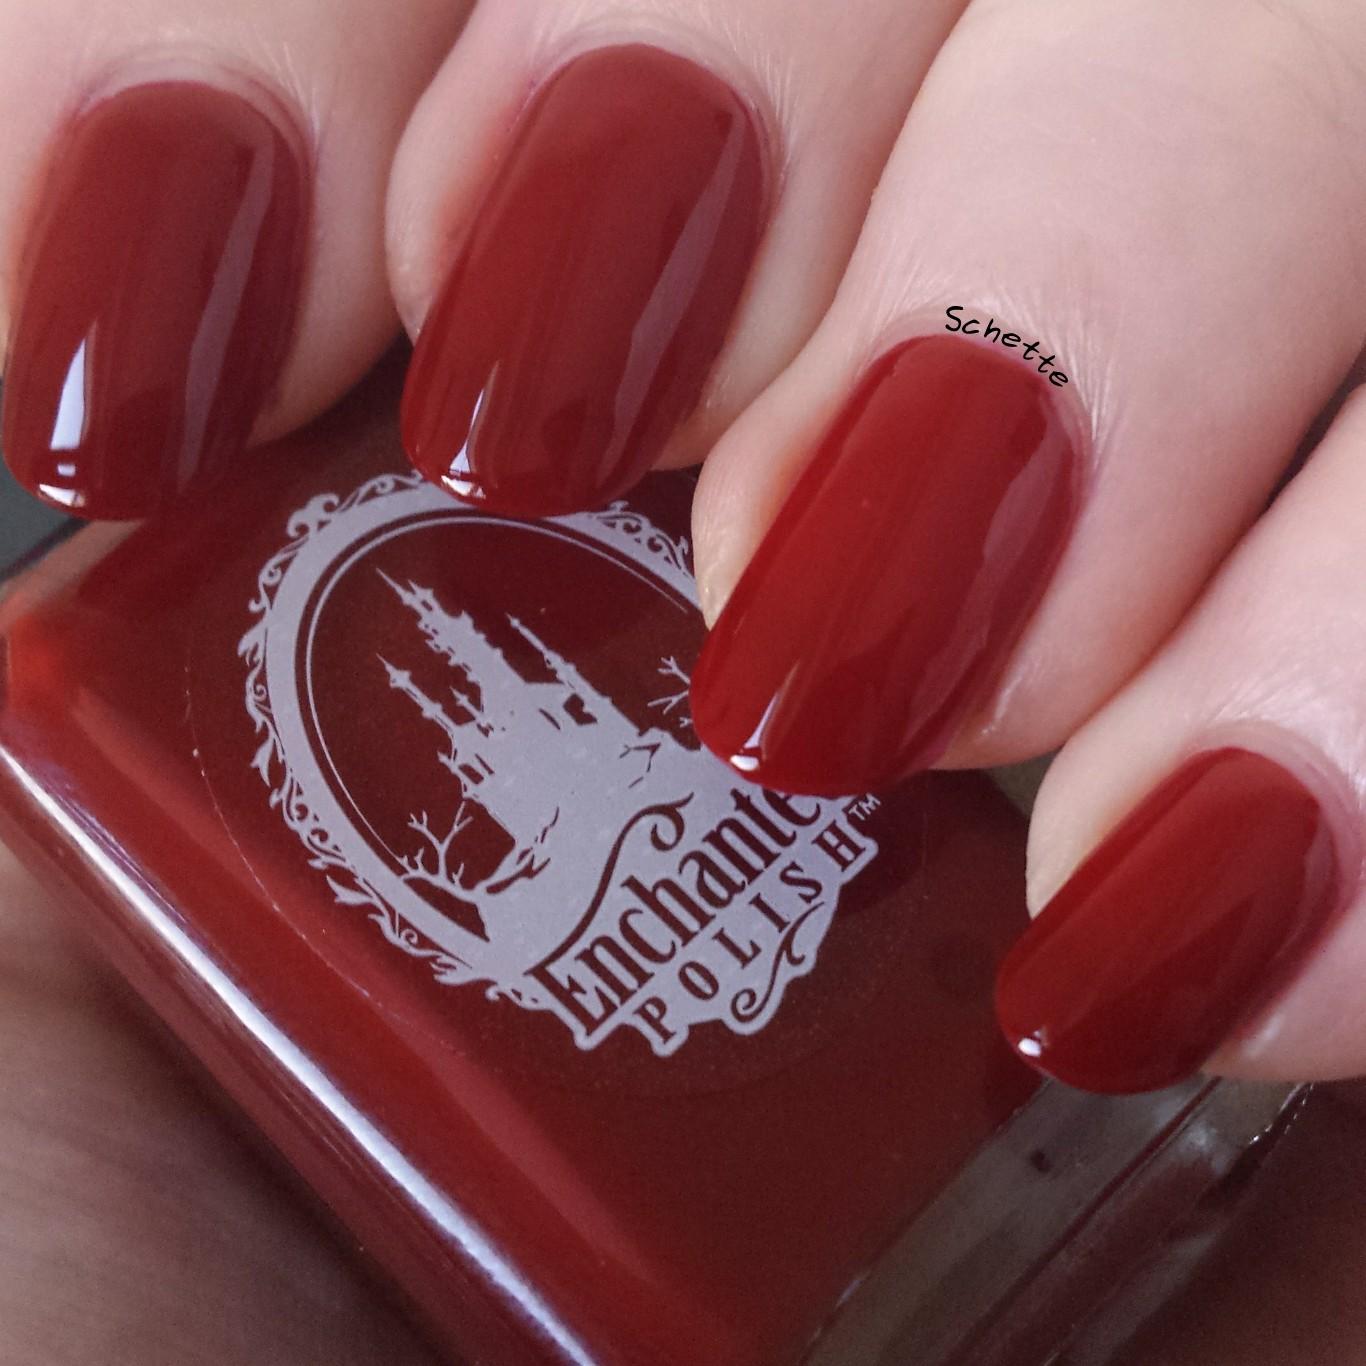 Enchanted Polish - Valentine